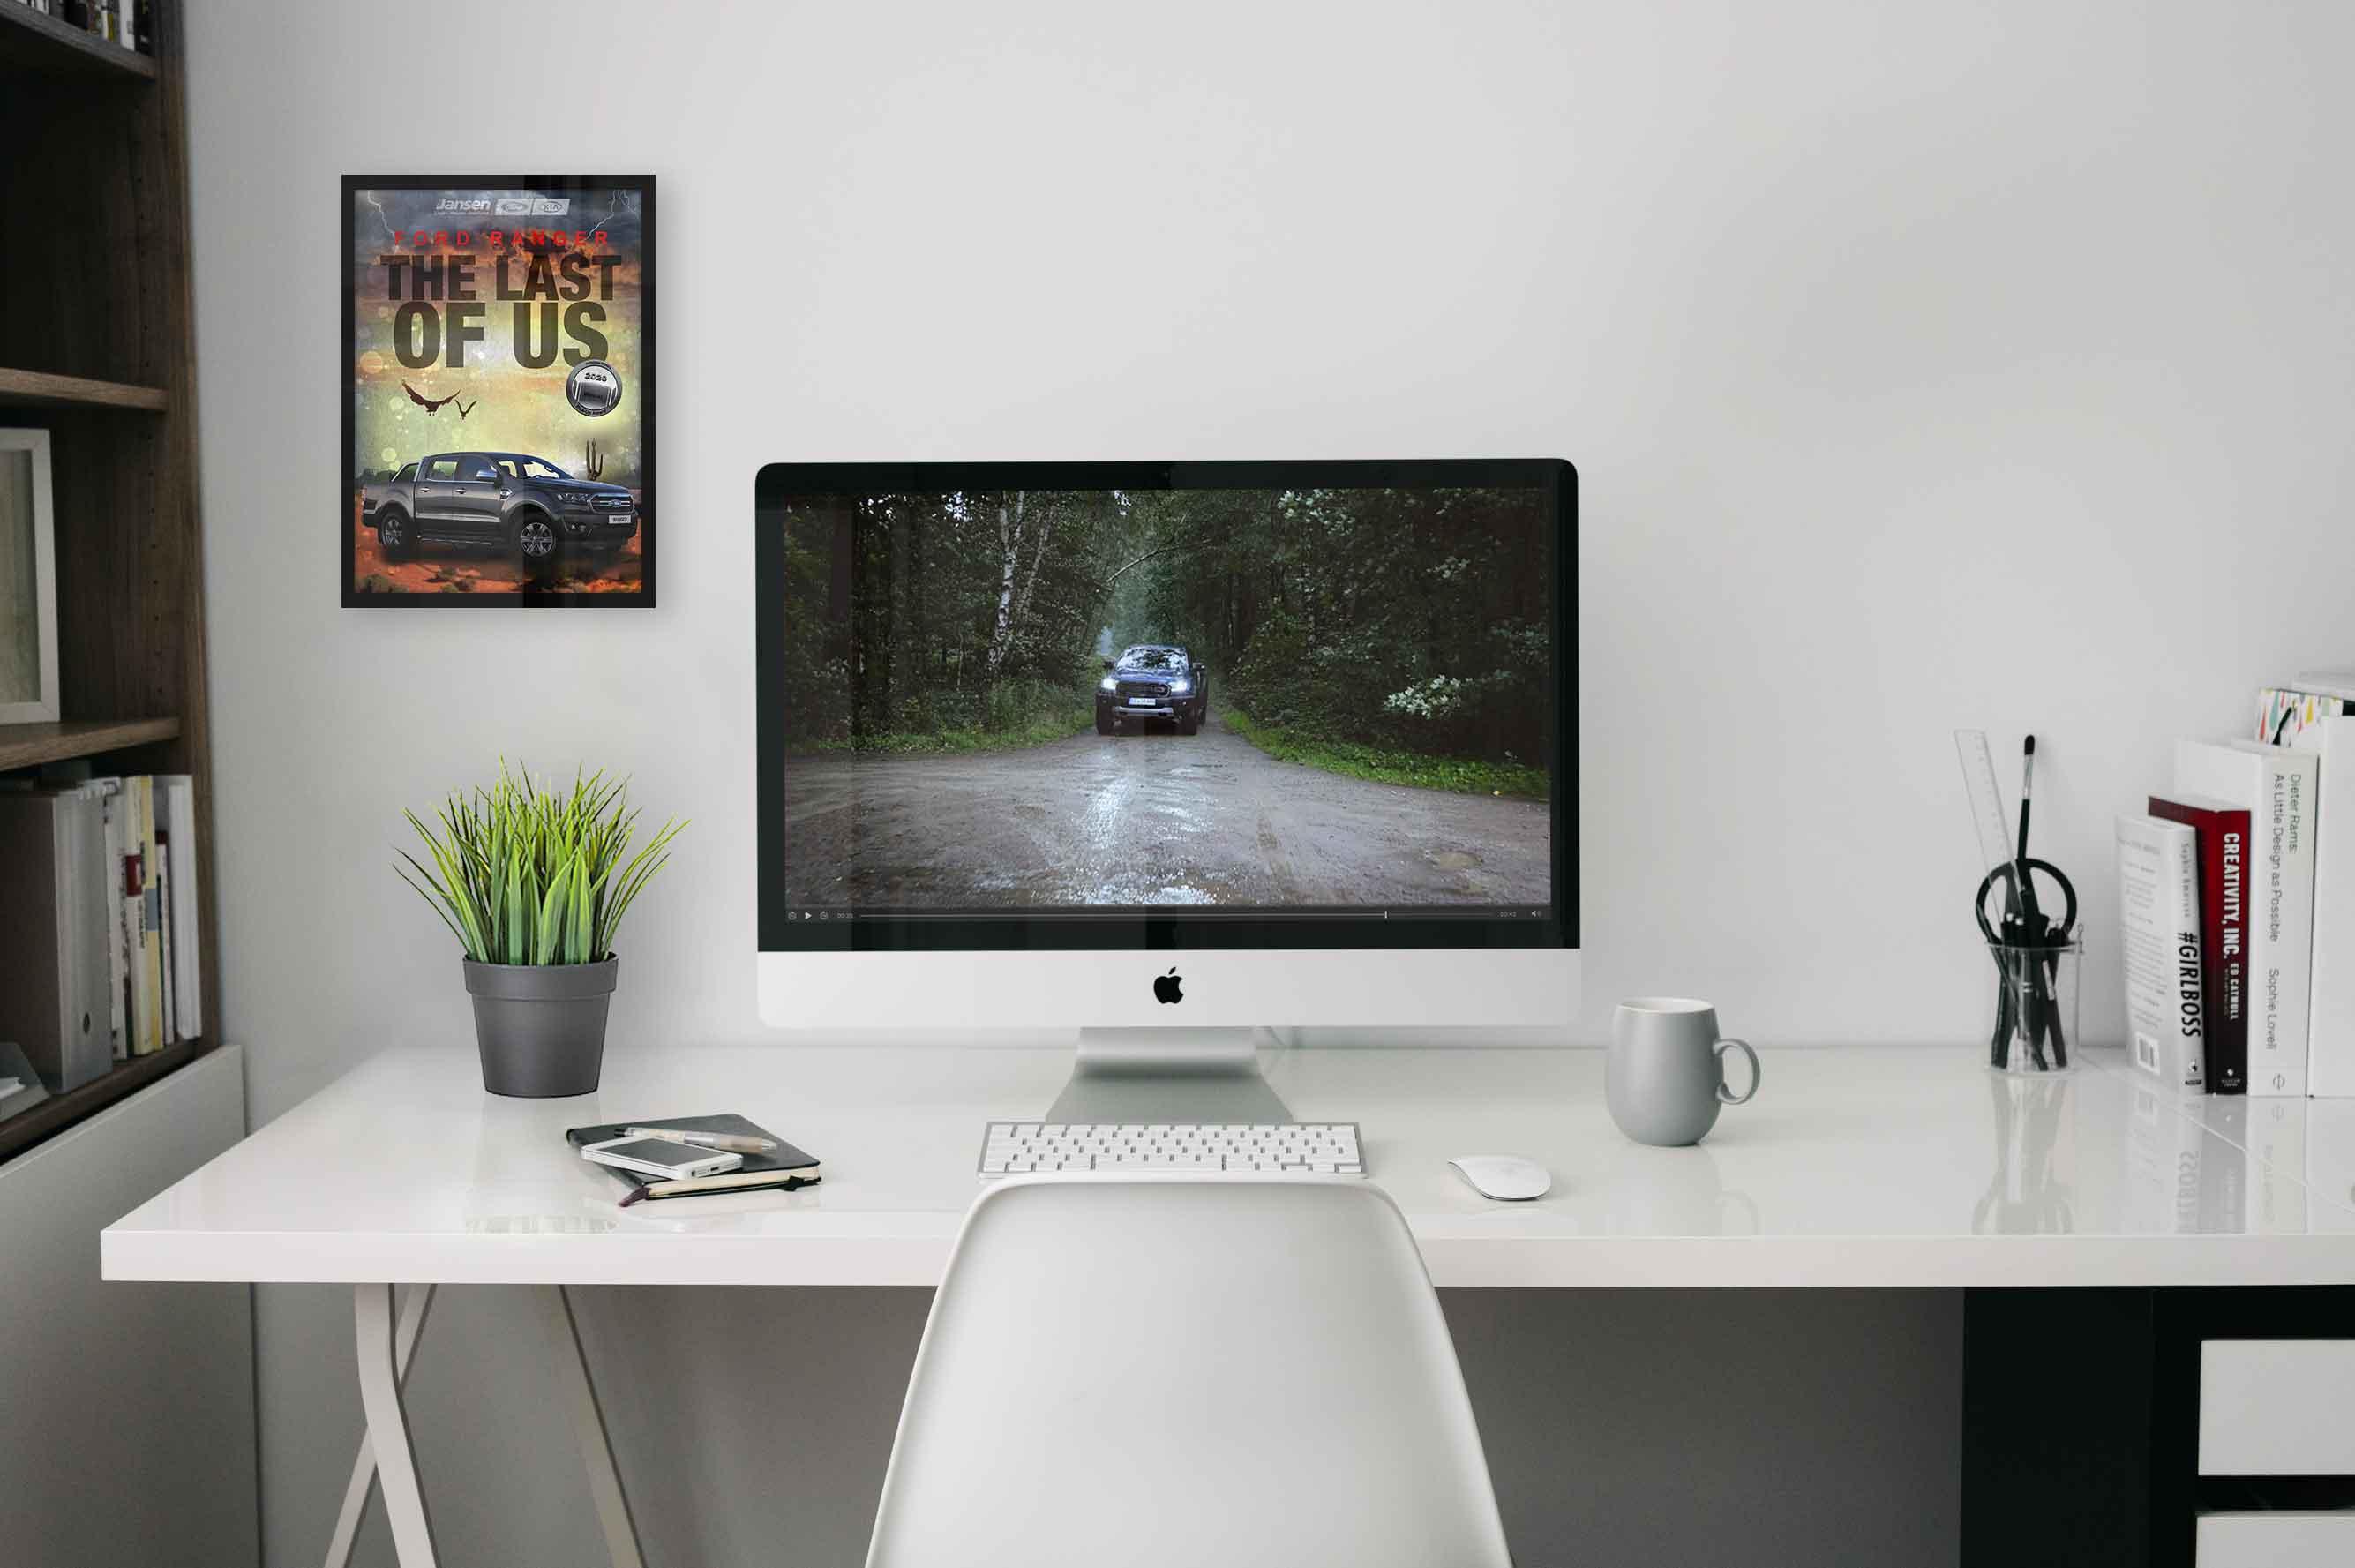 Referenz wird auf einem PC und in einem Bilderrahmen an der Wand dargestellt.